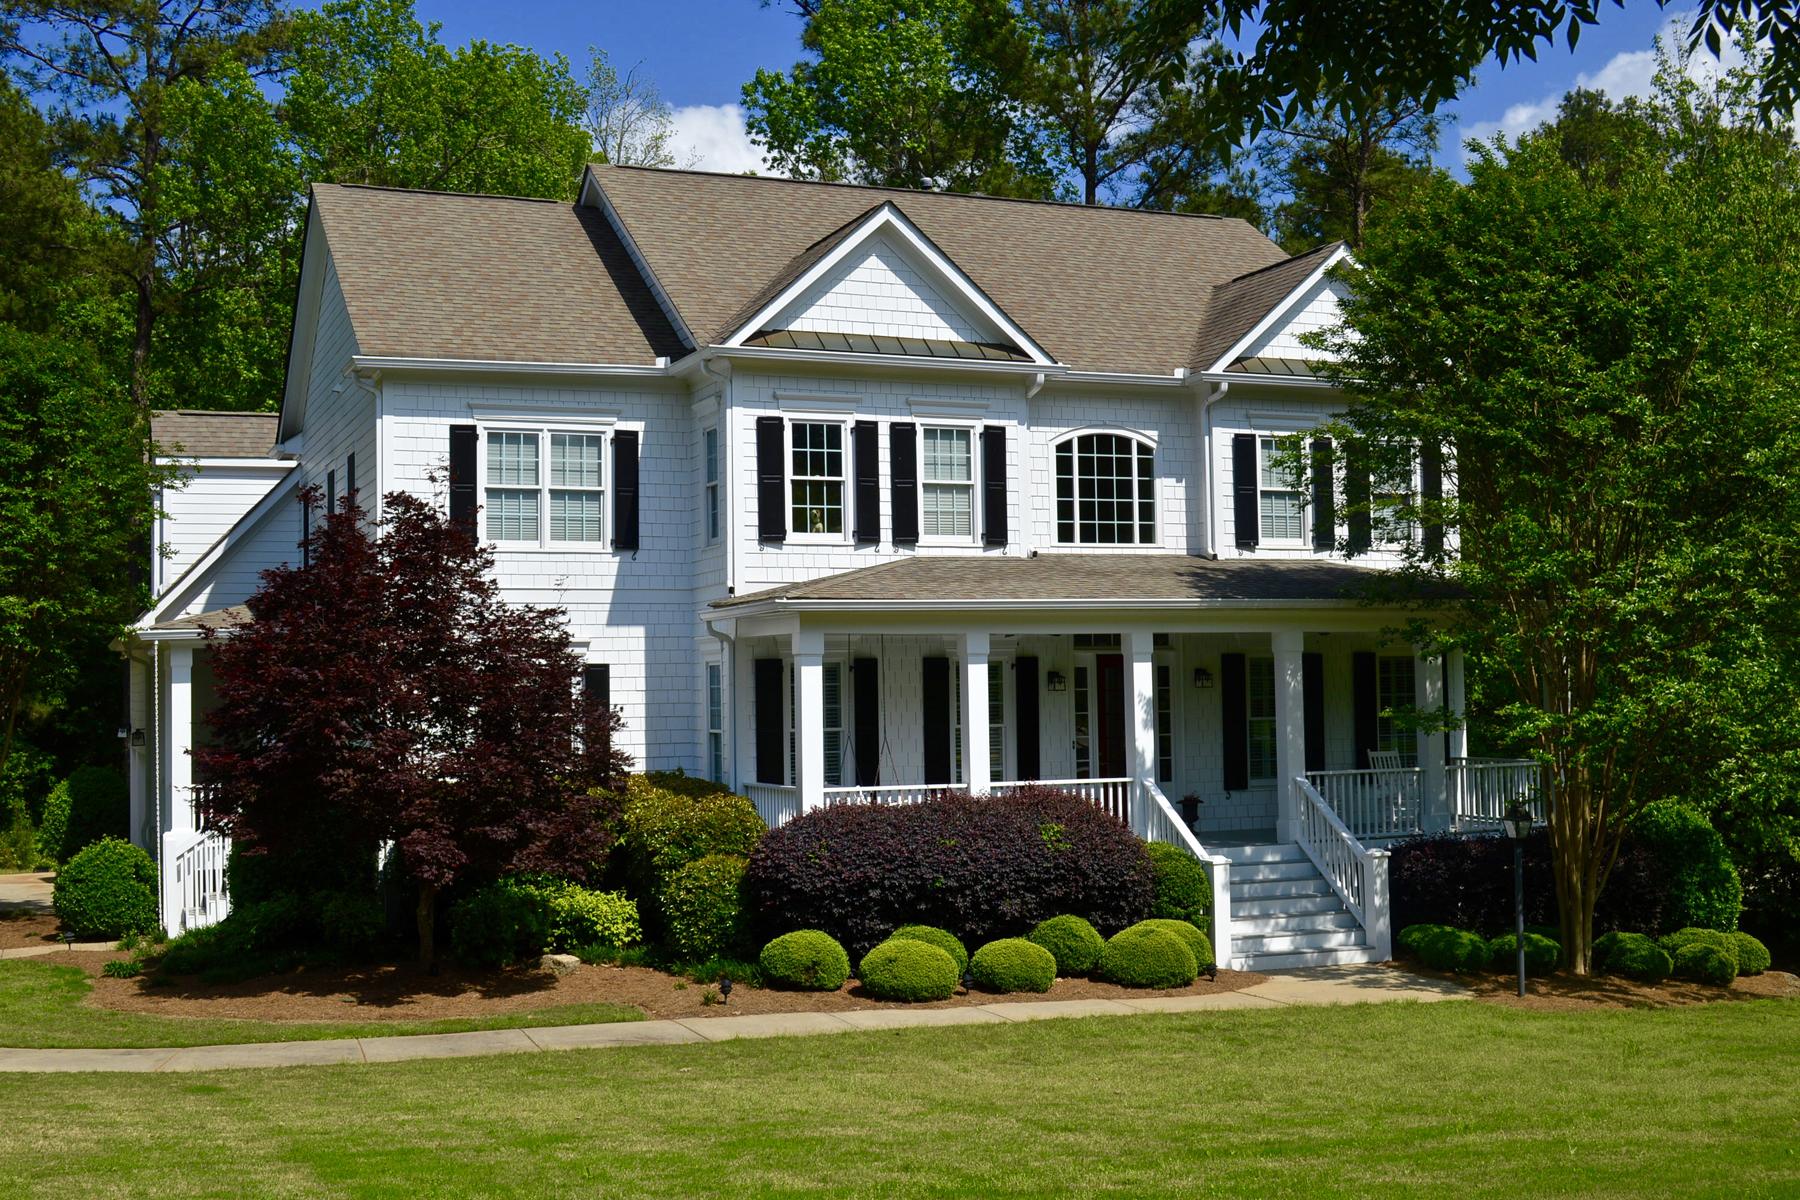 Maison unifamiliale pour l Vente à Fantastic Highgrove Home With Guest Suite On Main 125 Highgrove Drive Fayetteville, Georgia, 30215 États-Unis